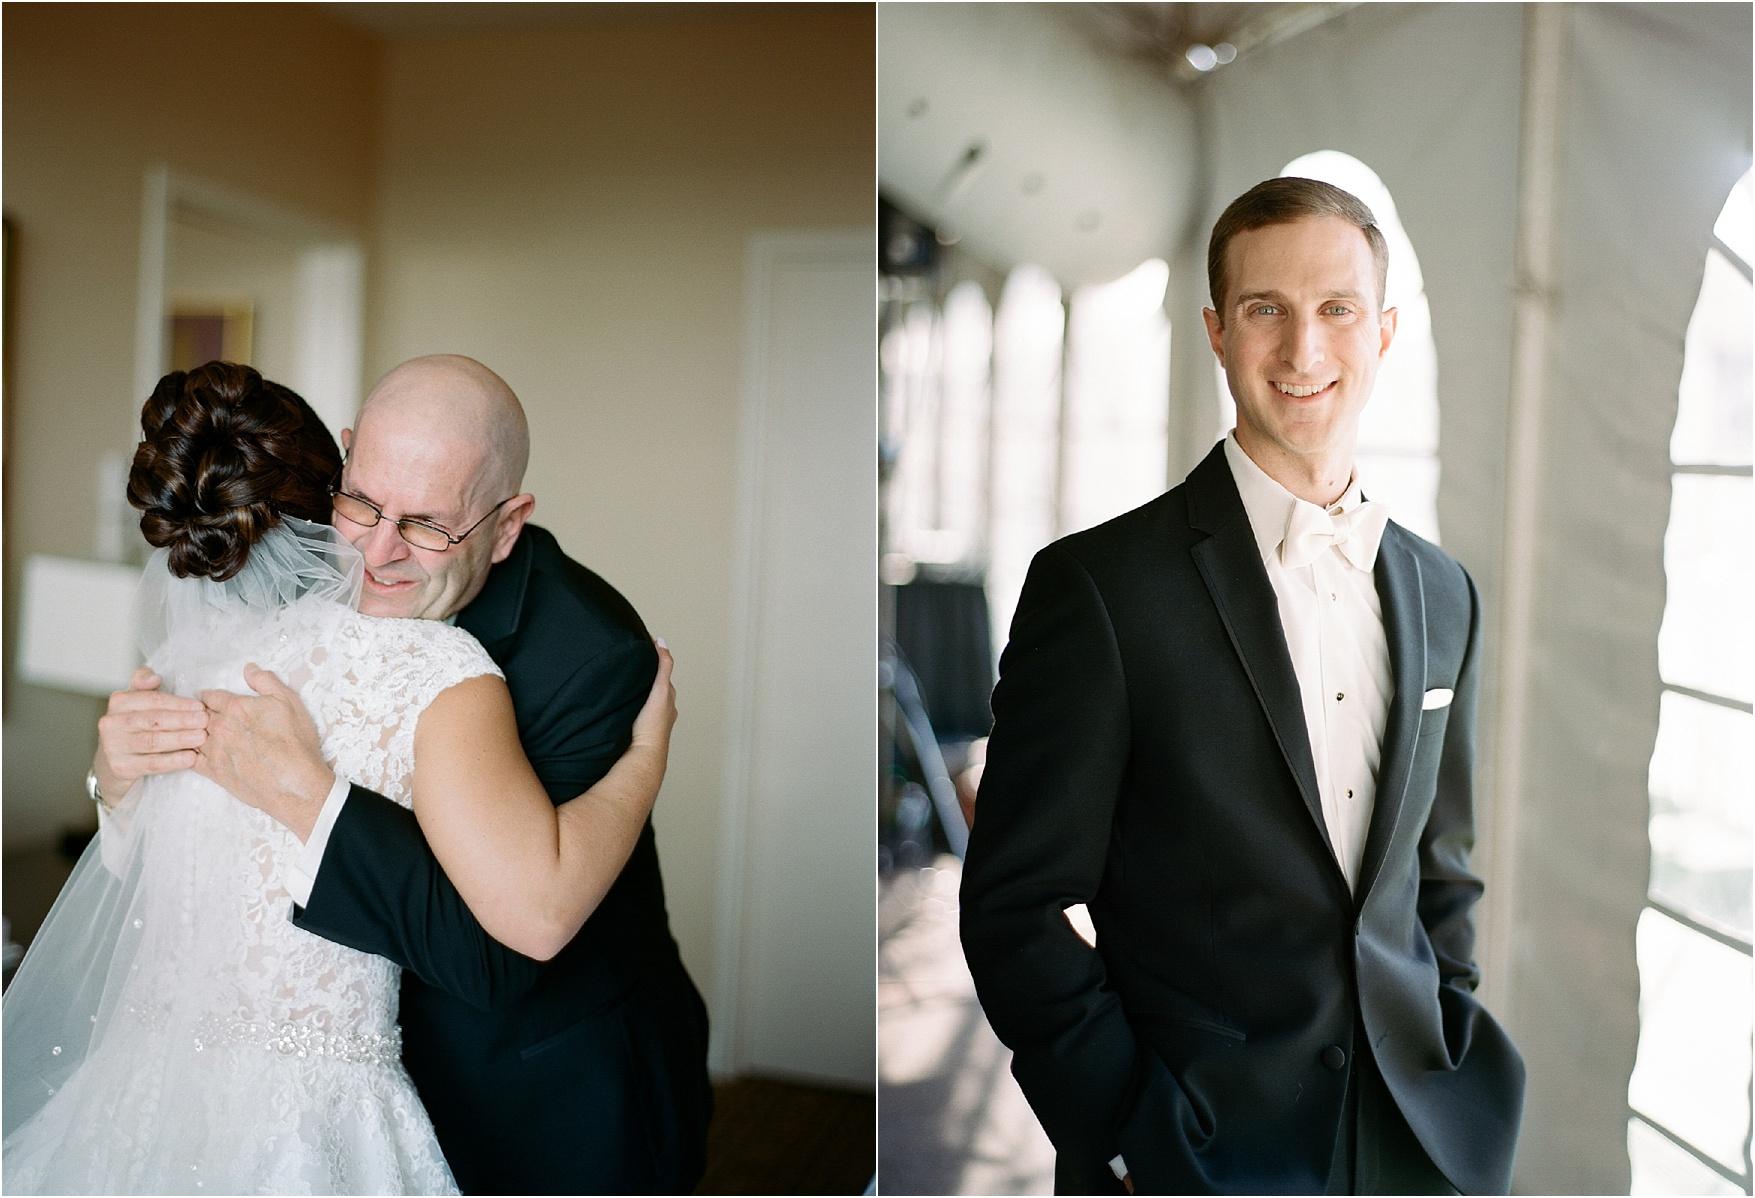 wedding photography st louis_lauren muckler photography_film photographer_film wedding_0050.jpg